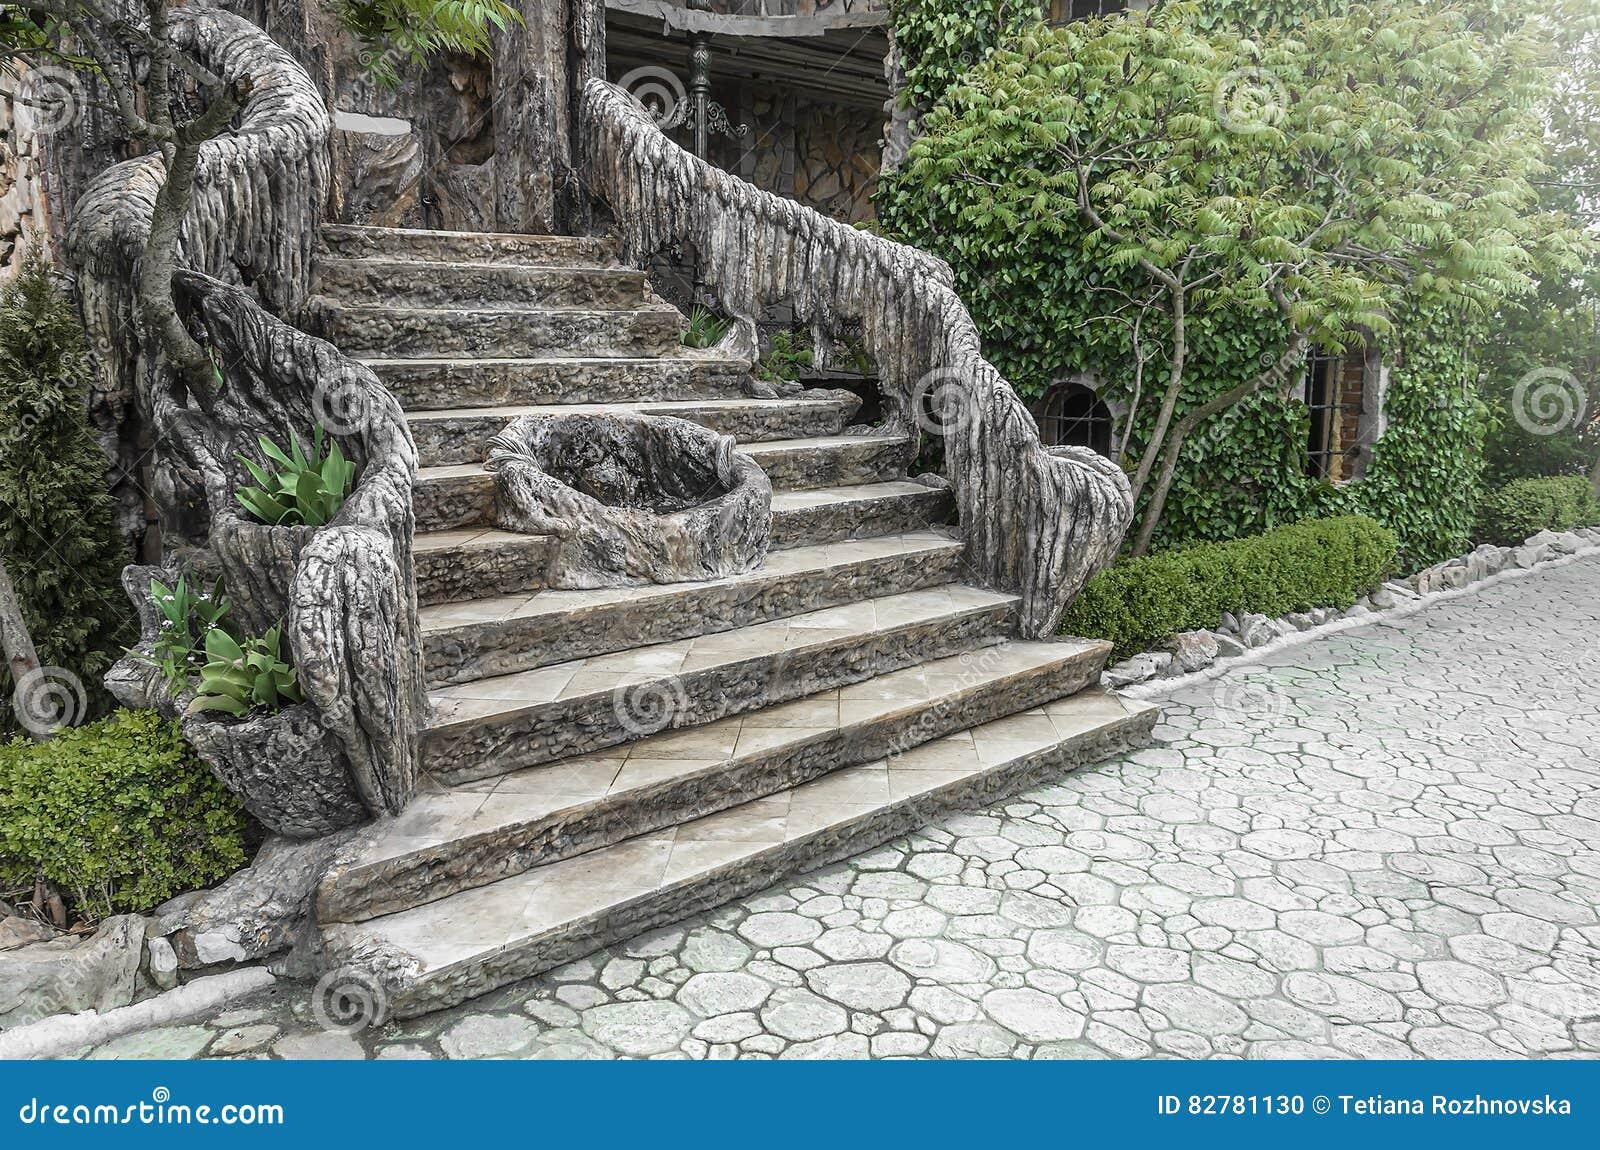 alte treppe im garten stockfoto. bild von stein, nave - 82781130